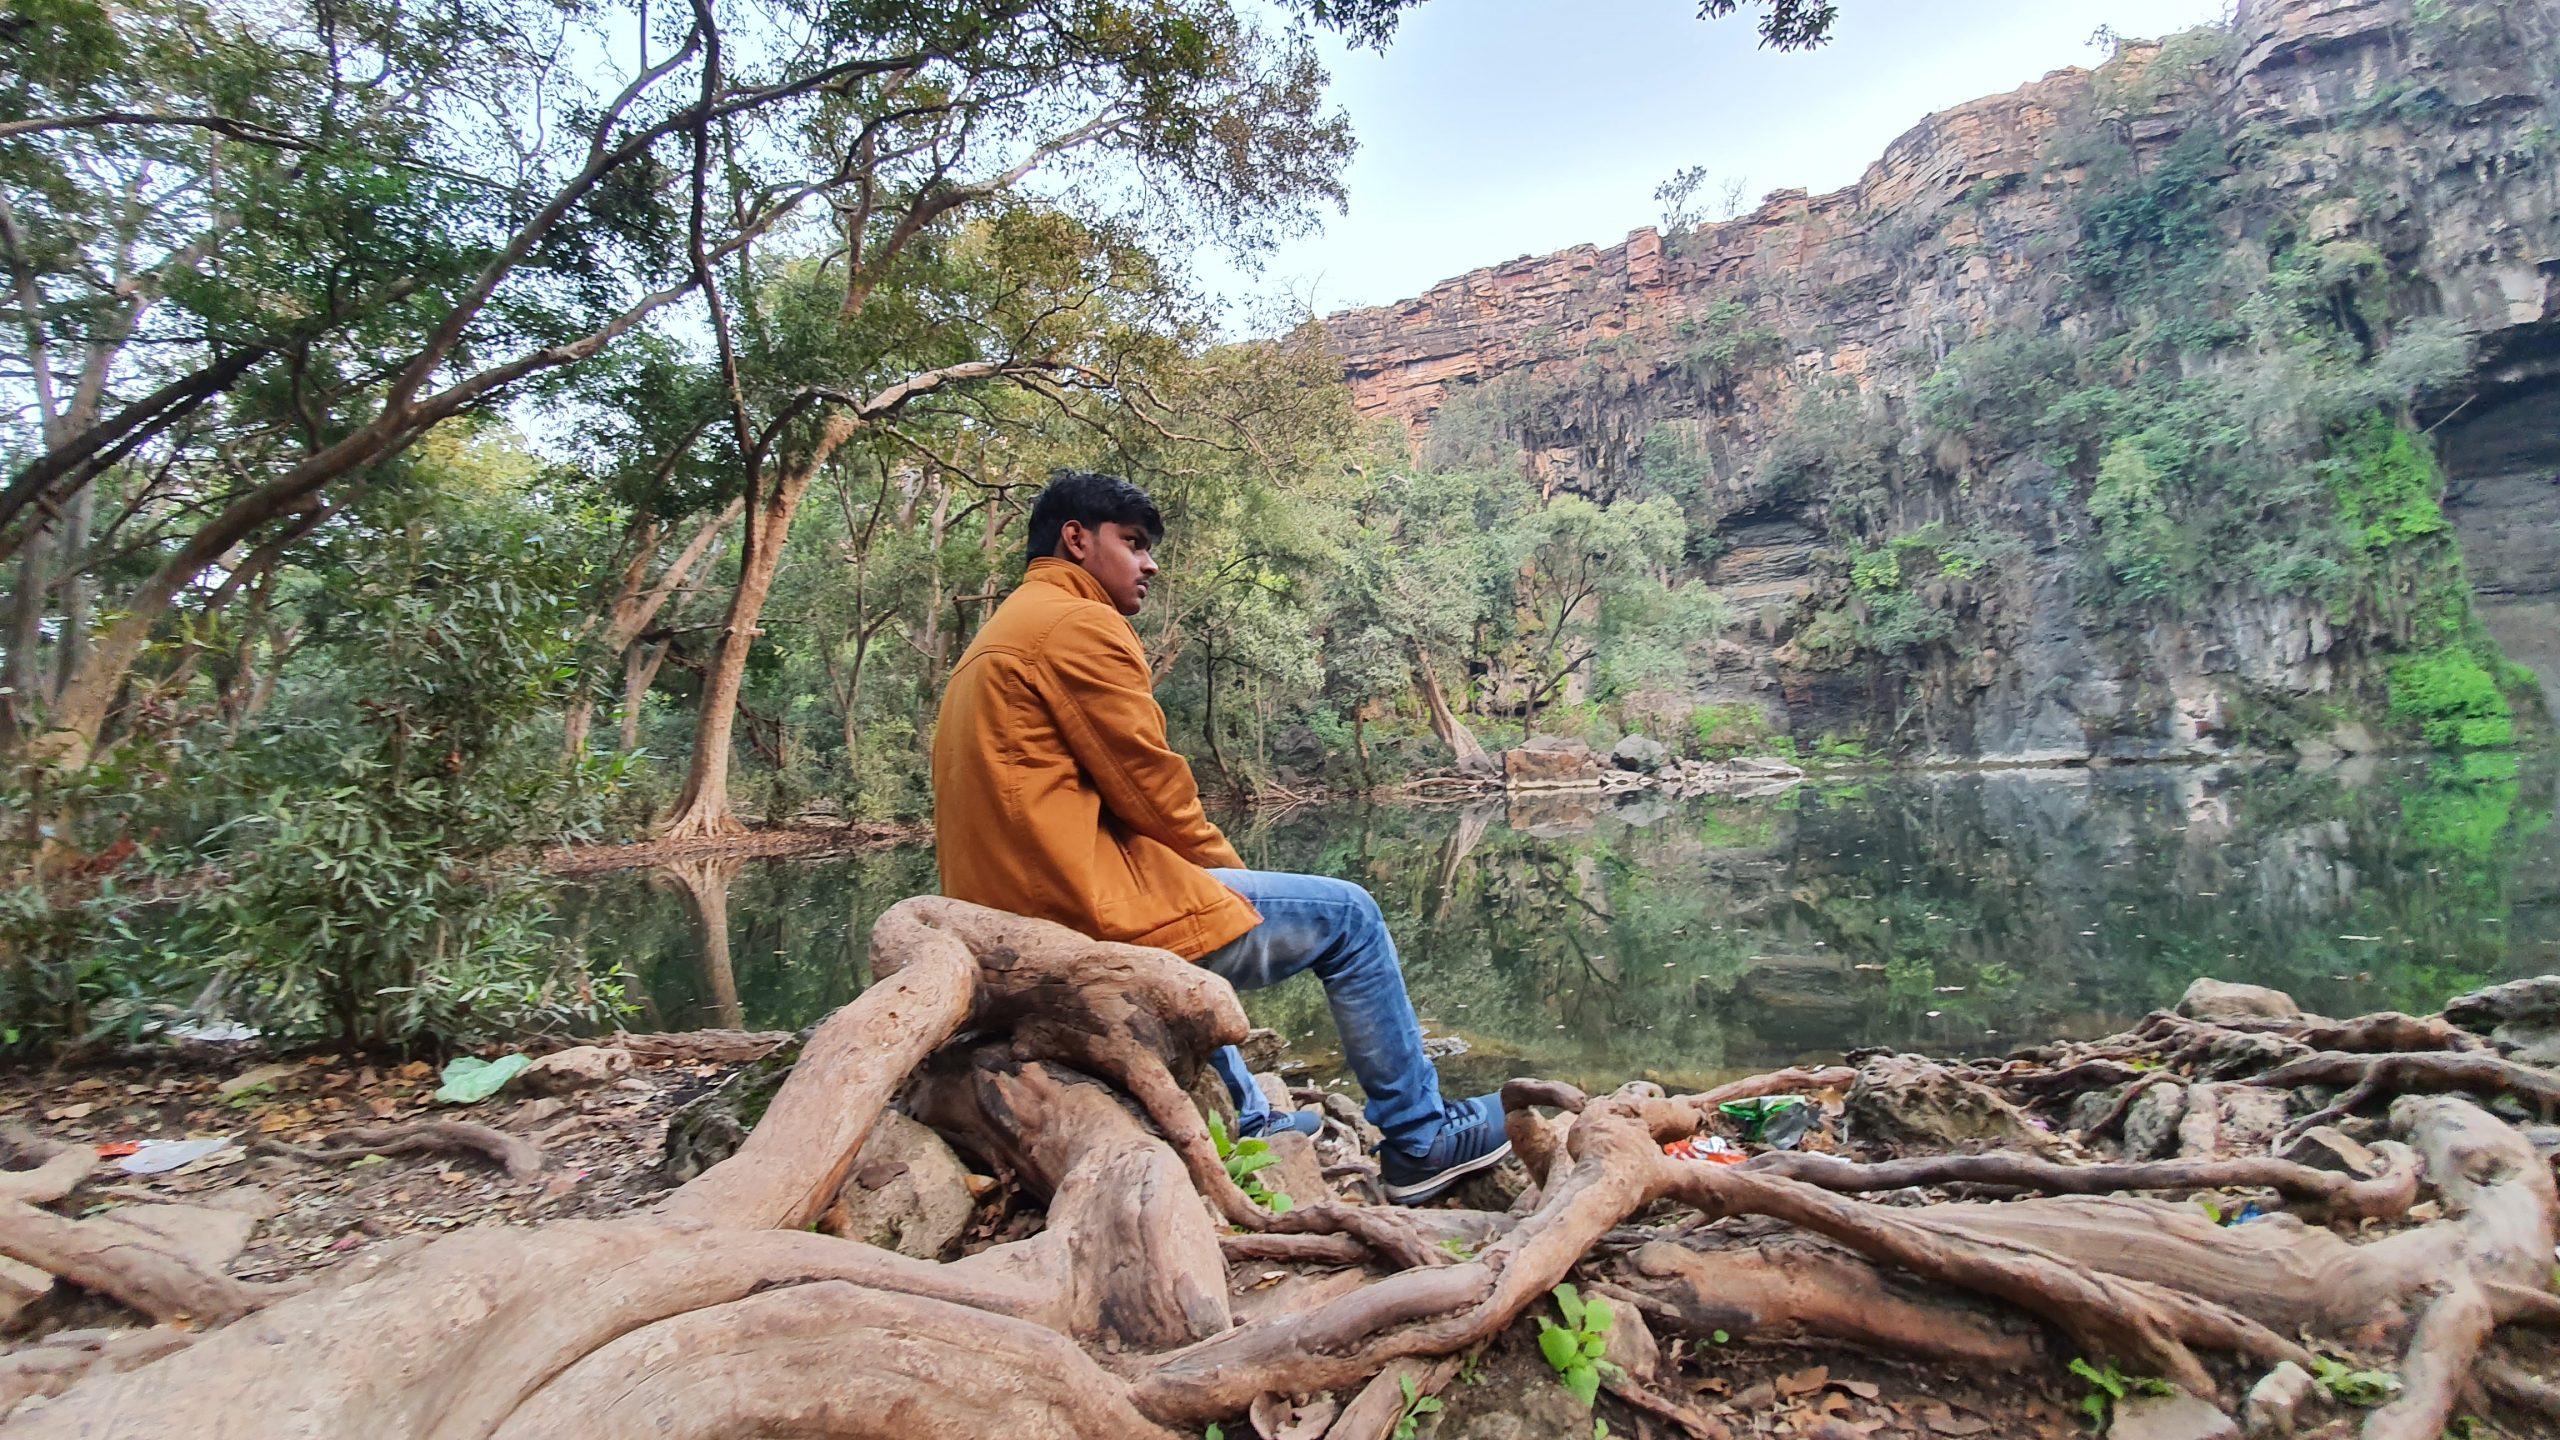 Boy sitting on logs